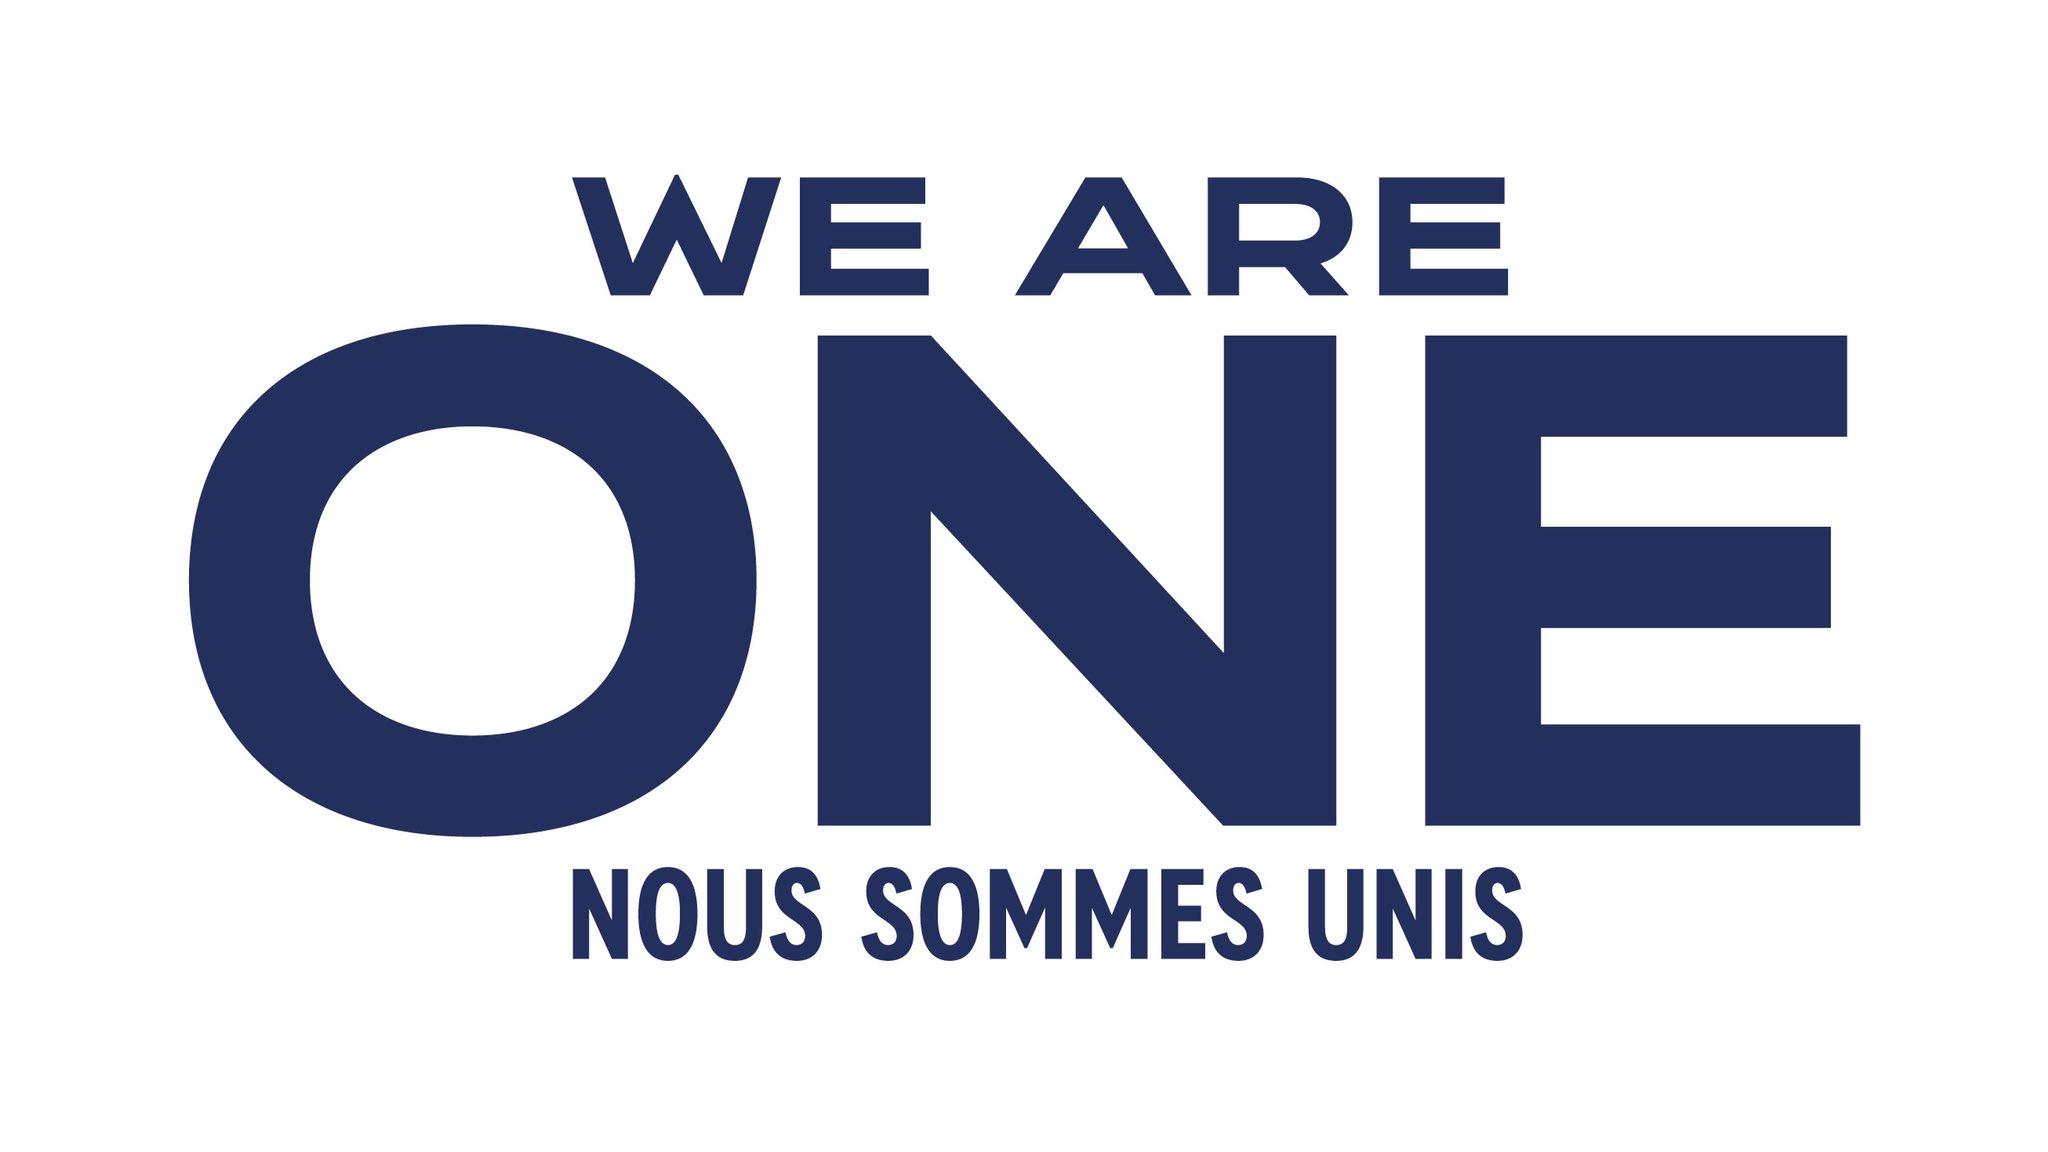 Emmanuel Macron On Twitter